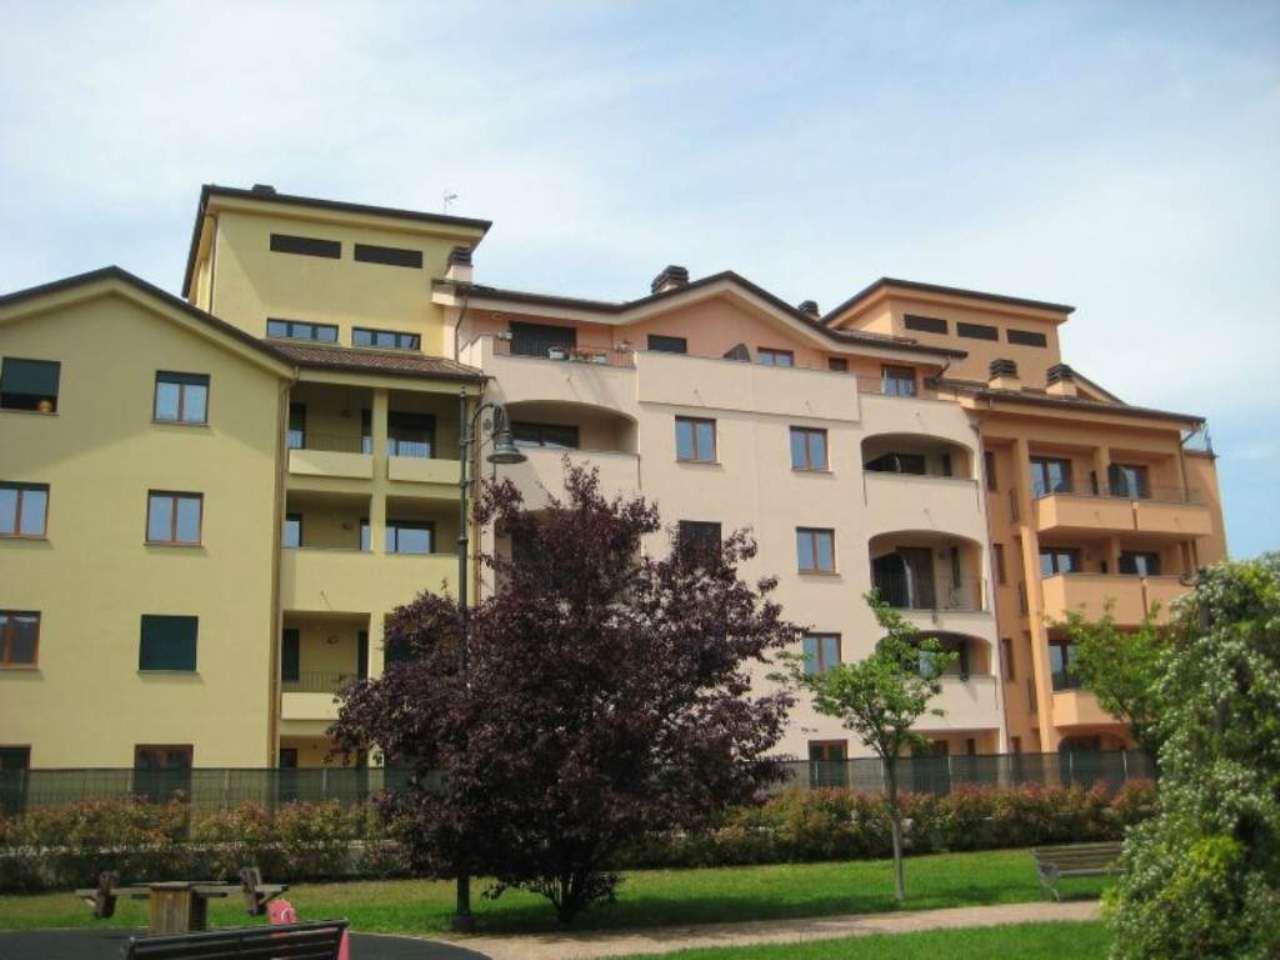 Attico / Mansarda in vendita a Tradate, 4 locali, prezzo € 199.000   Cambio Casa.it